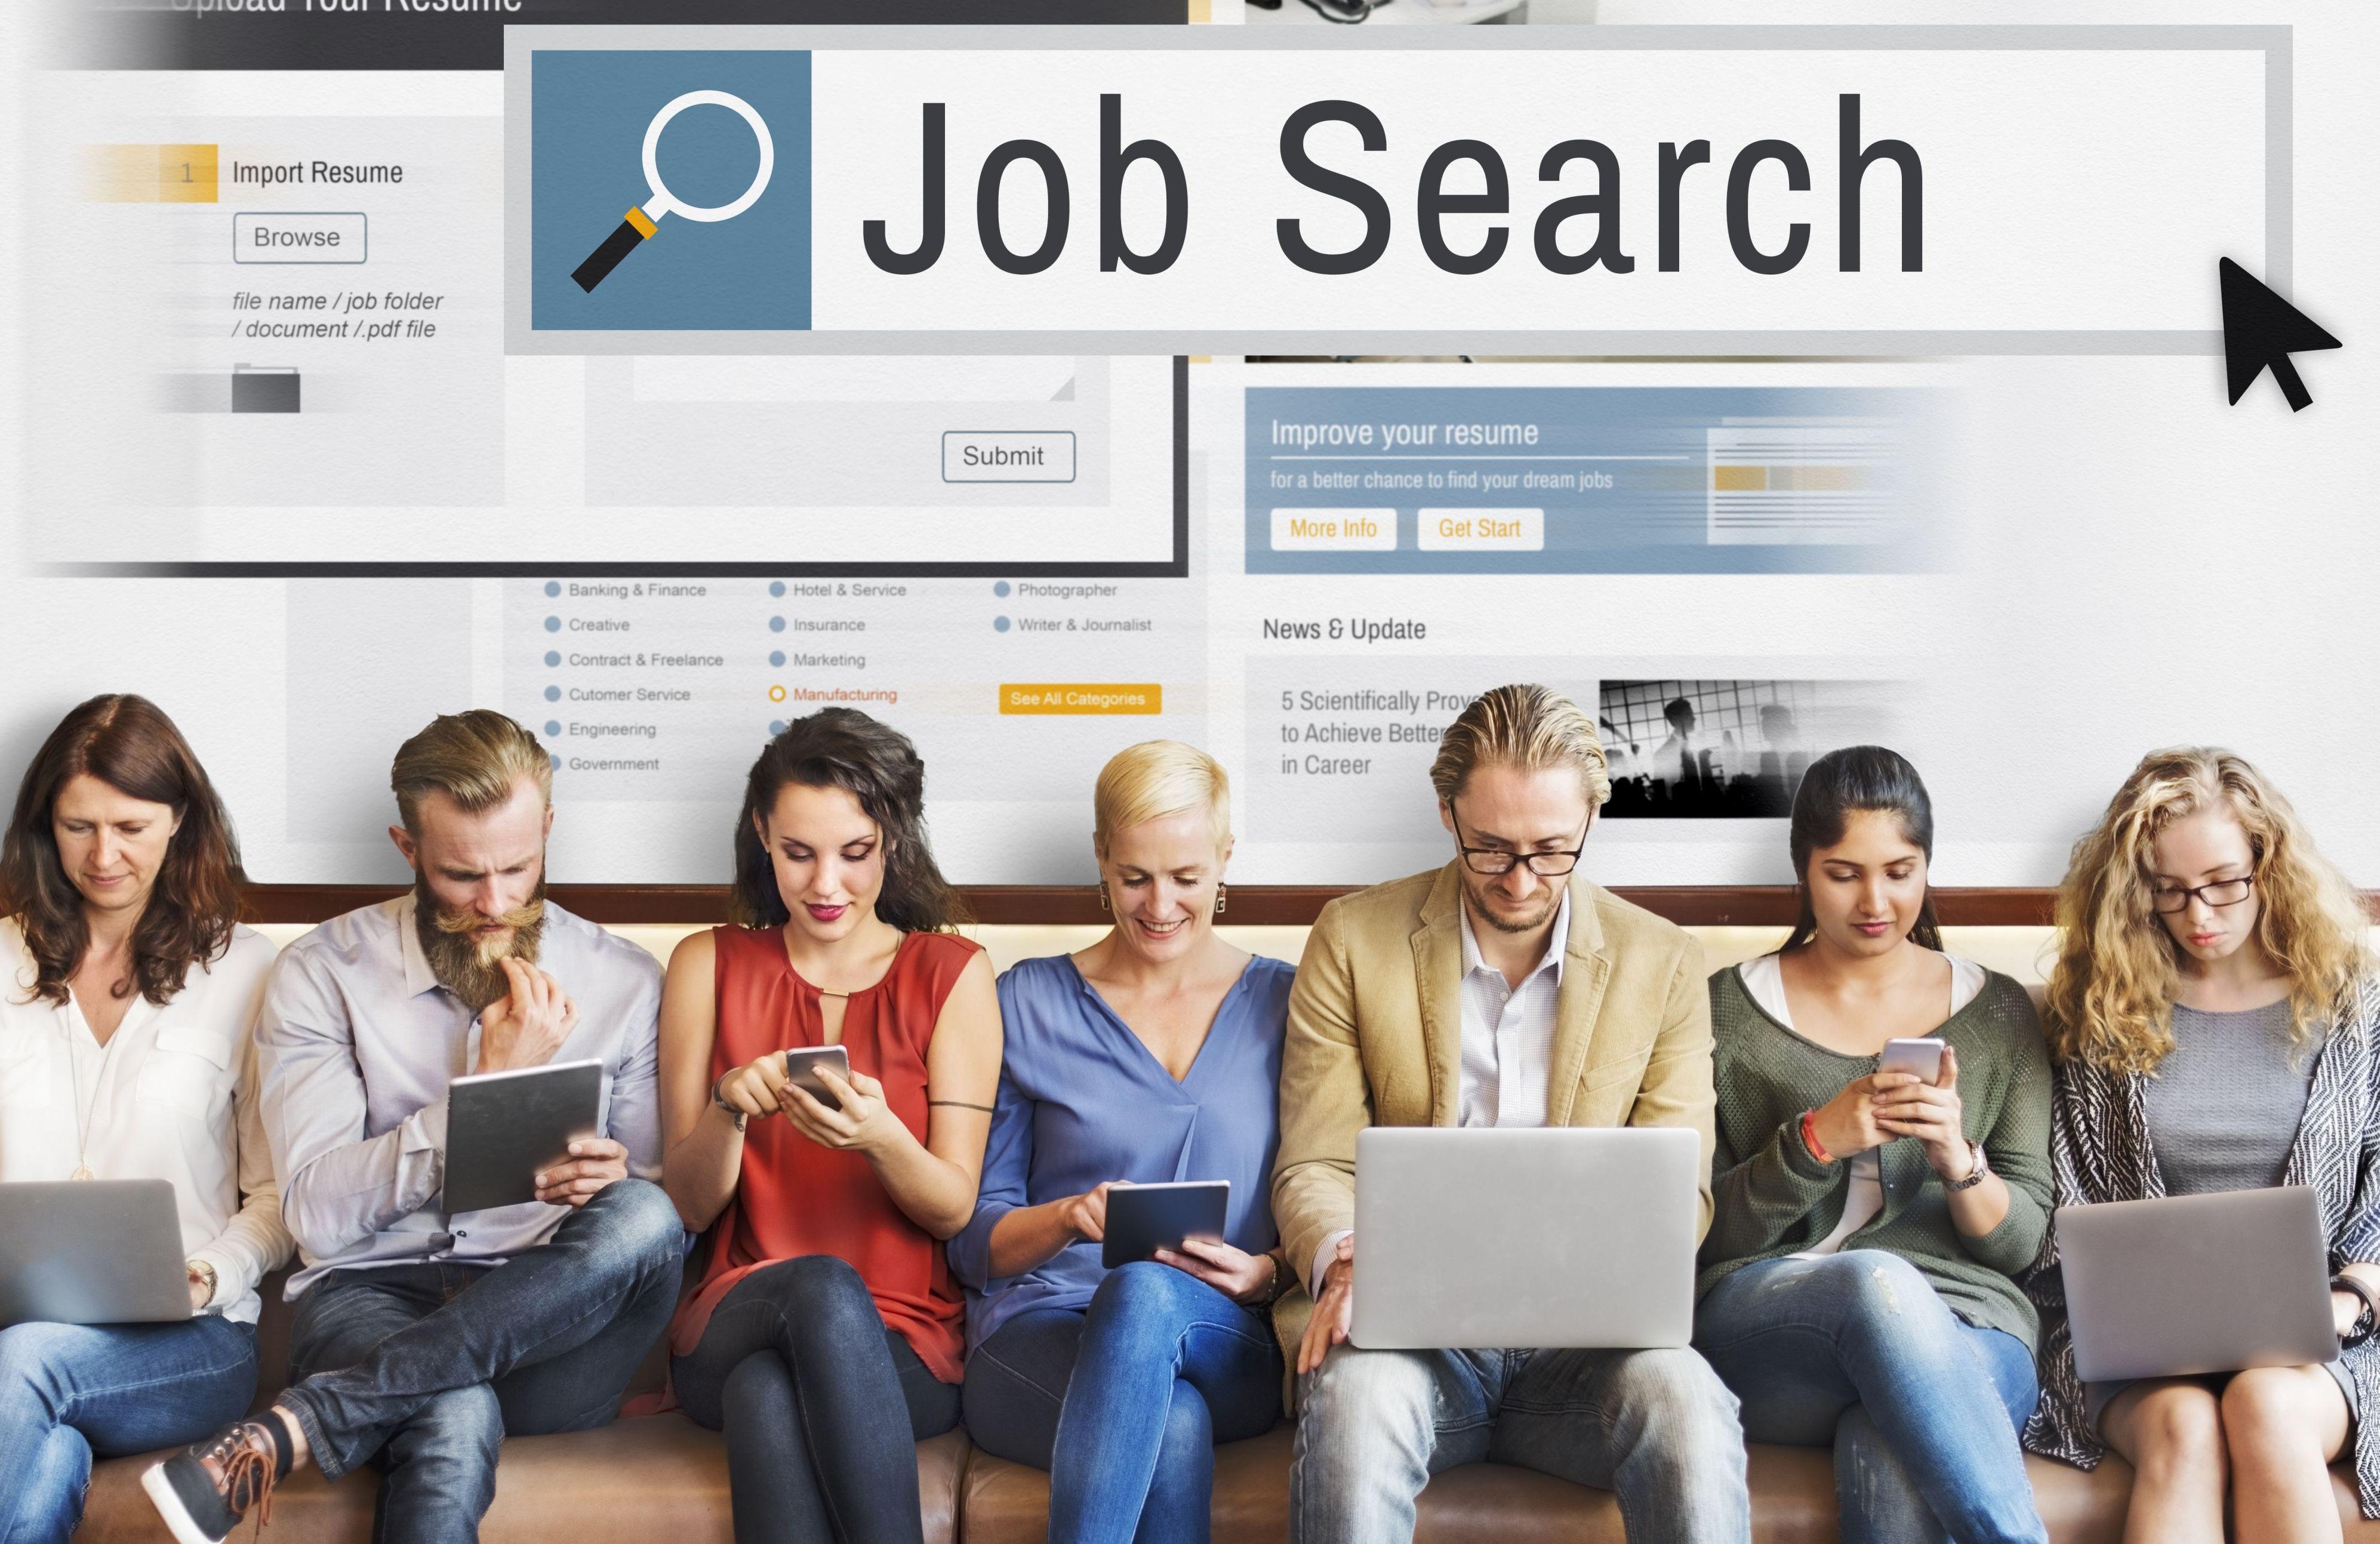 Kryzys w krótkim terminie na rynku pracy przechyli szalę na rzecz firm - kosztem pozycji pracowników, ale w ciągu 1-2 lat będziemy mówić o równowadze. (Fot. Shutterstock)